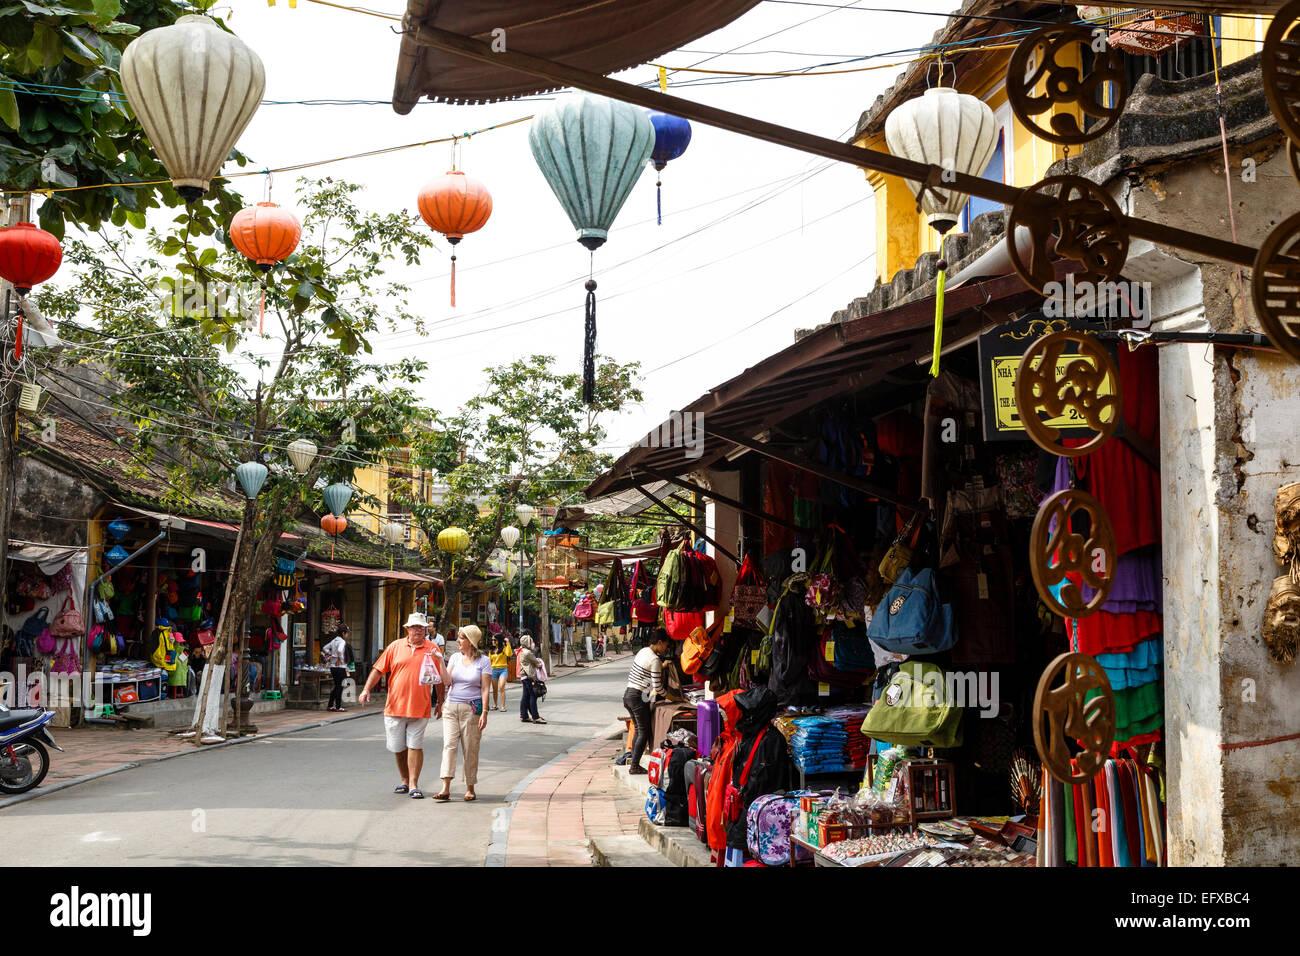 Straßenszene, Hoi an, Vietnam. Stockbild